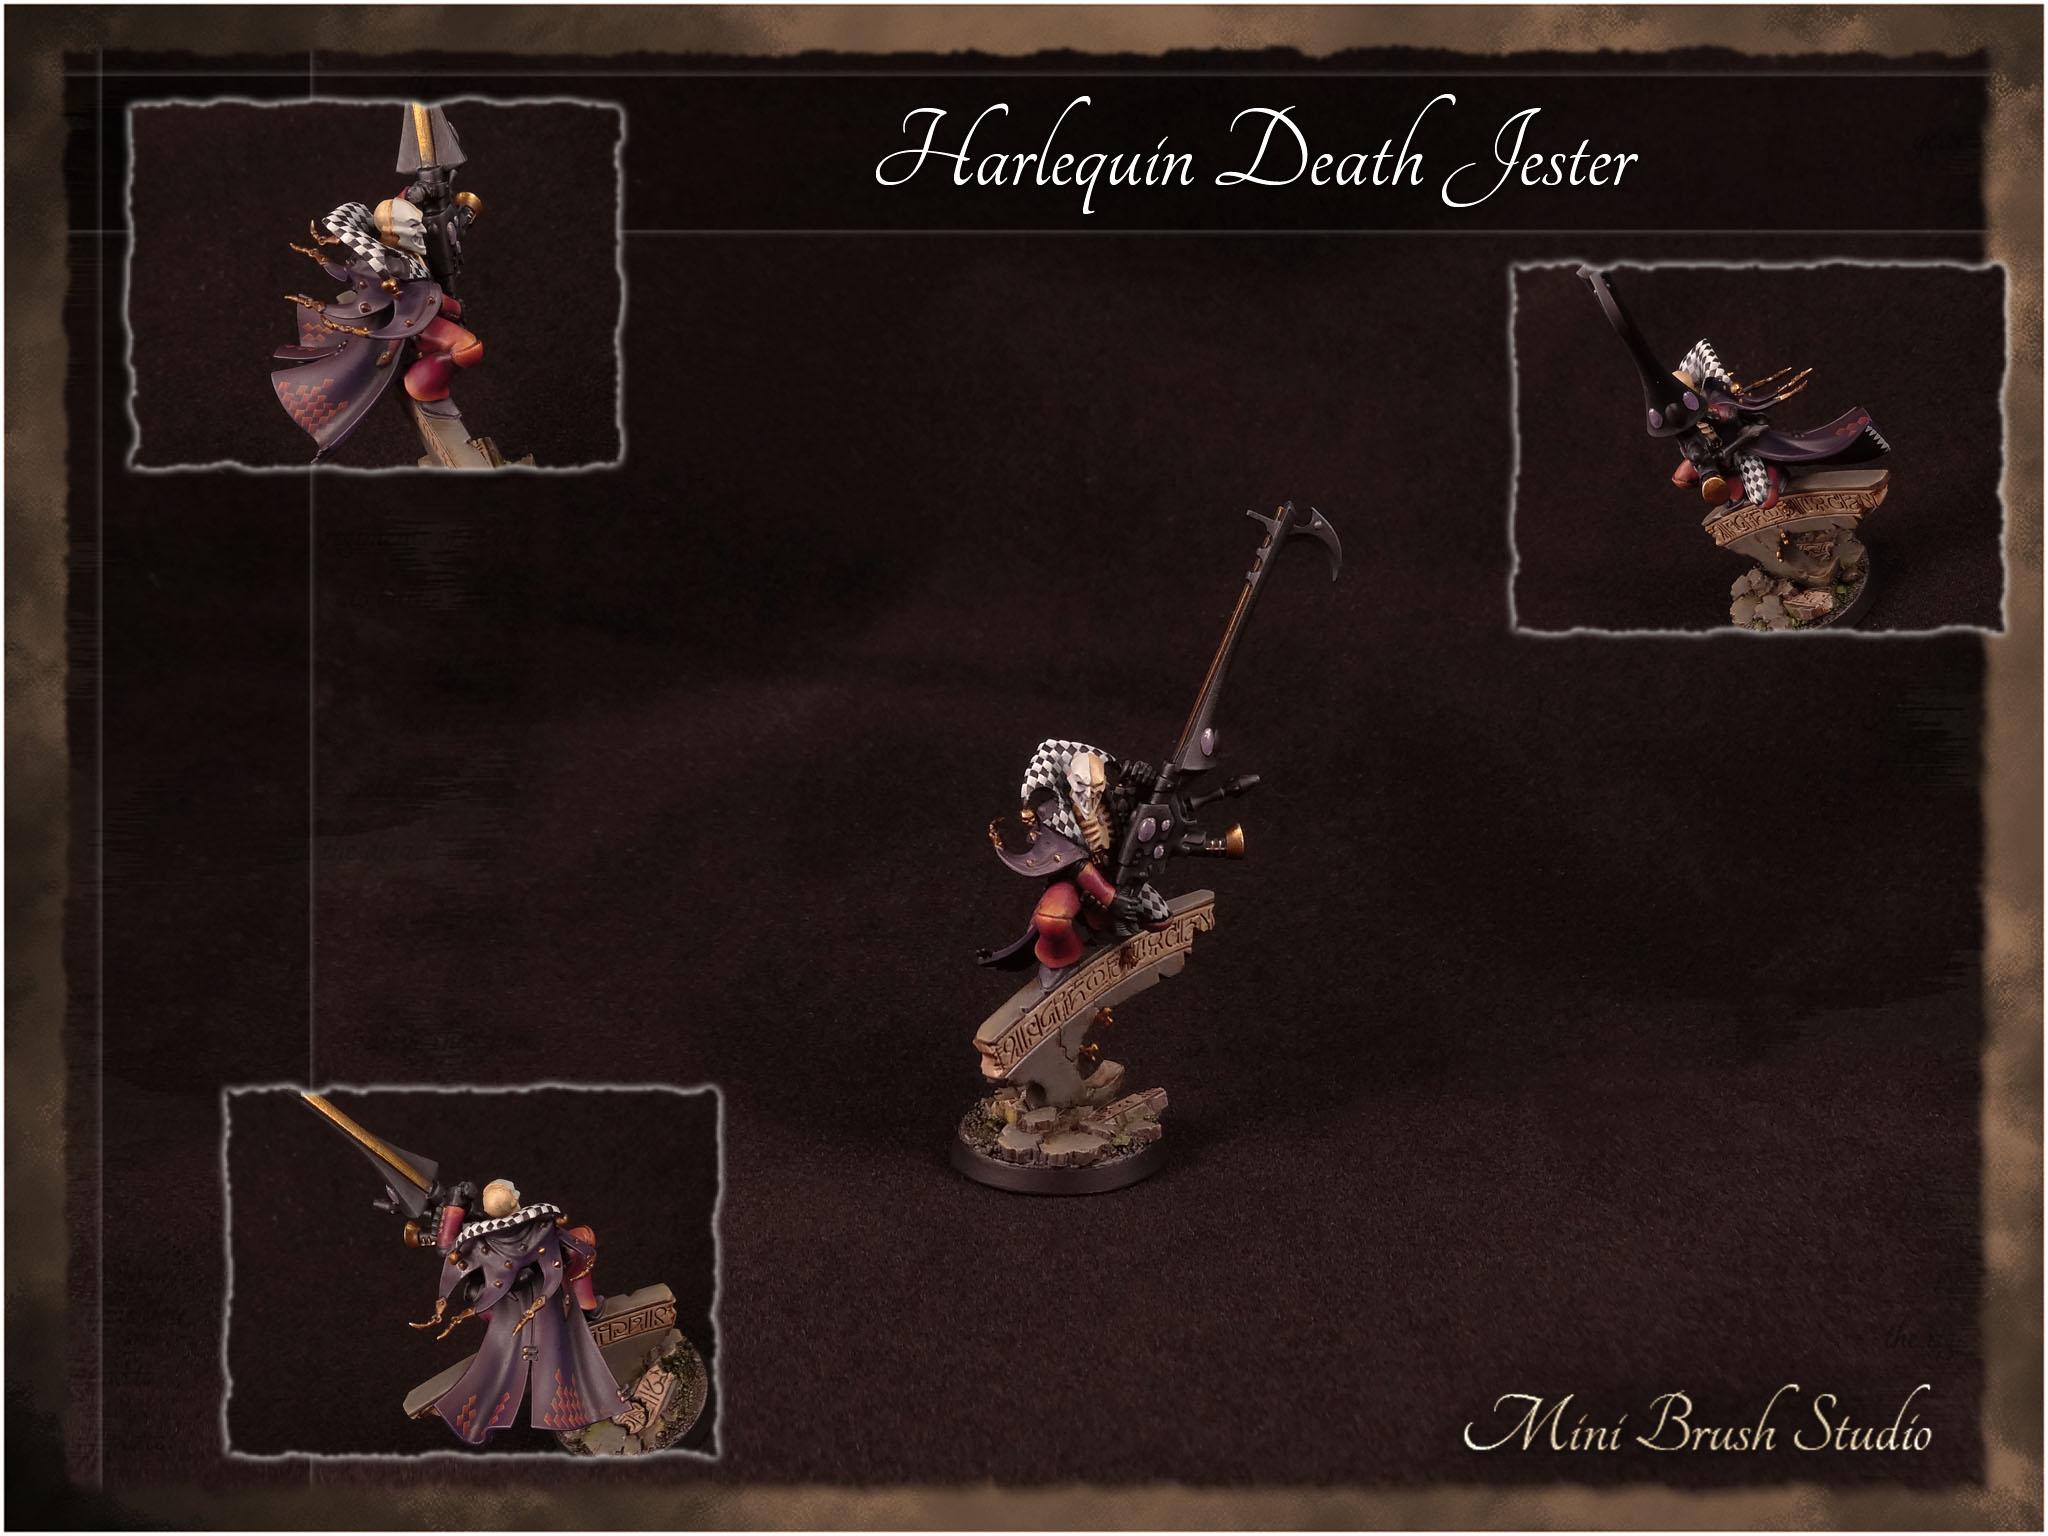 Harlequin Death Jester 2 v7.jpg